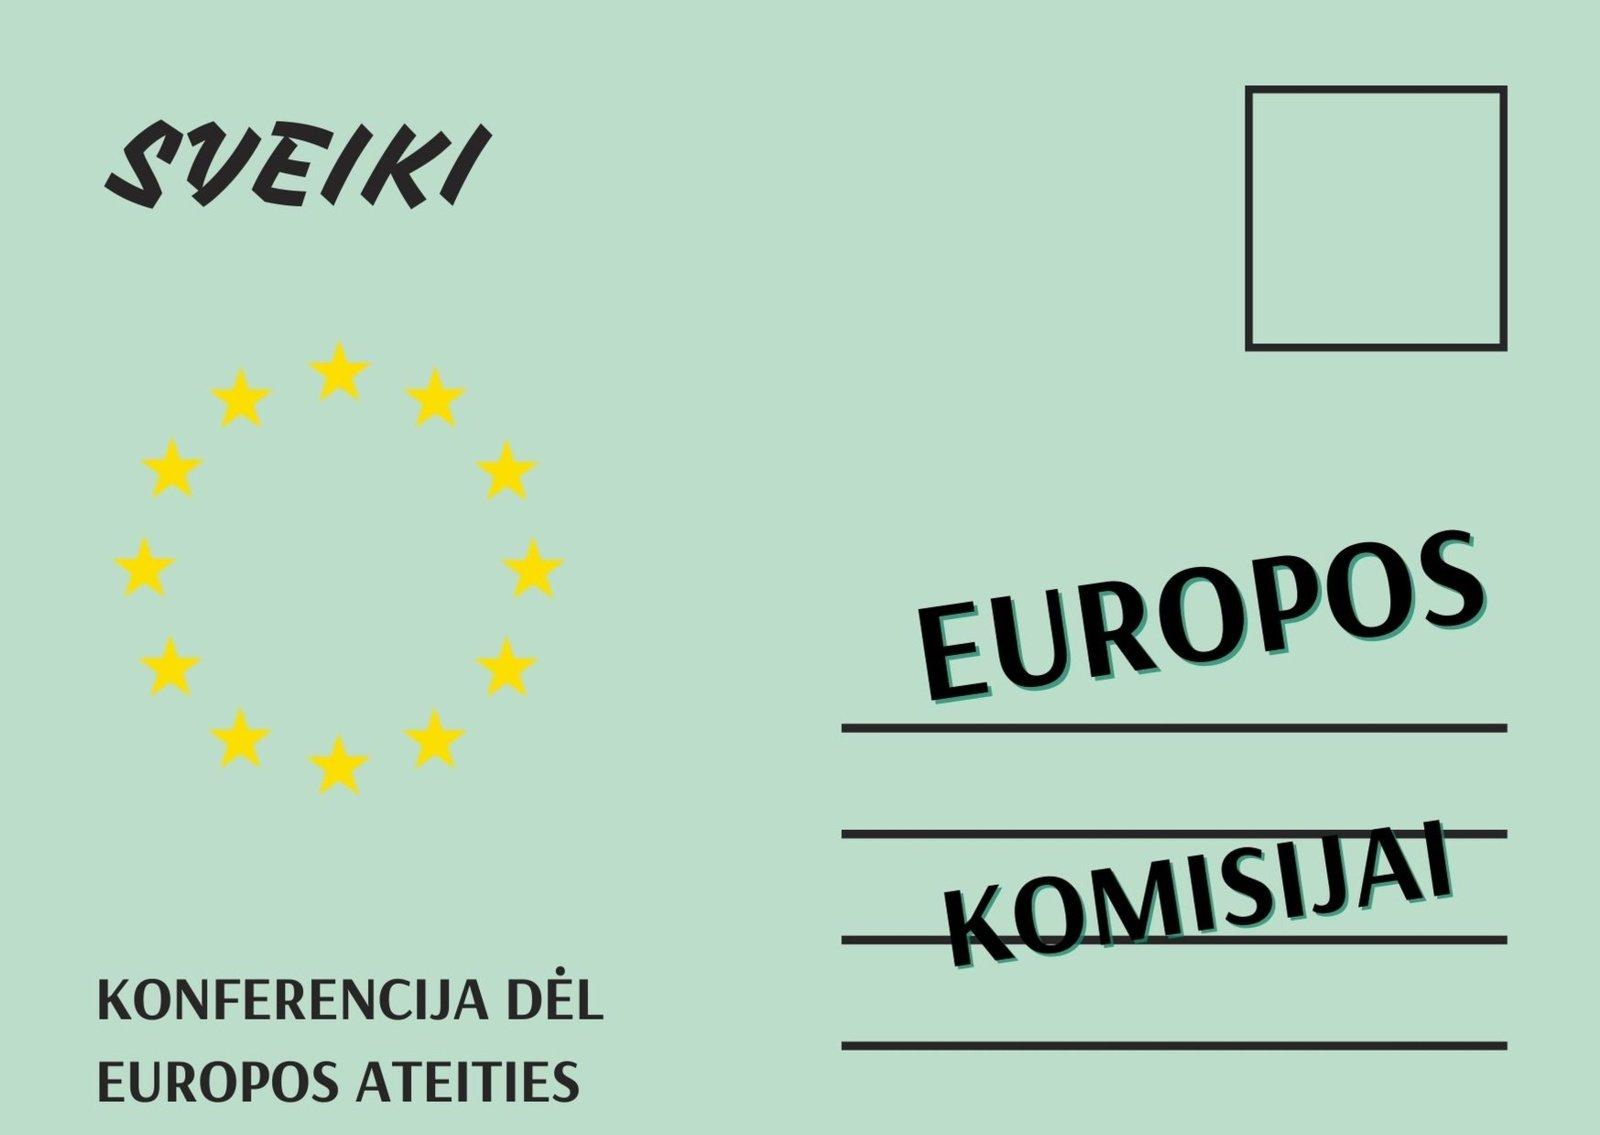 Jaunimo debatai apie Europos žaliąjį kursą ir jaunatviškos idėjos Europai